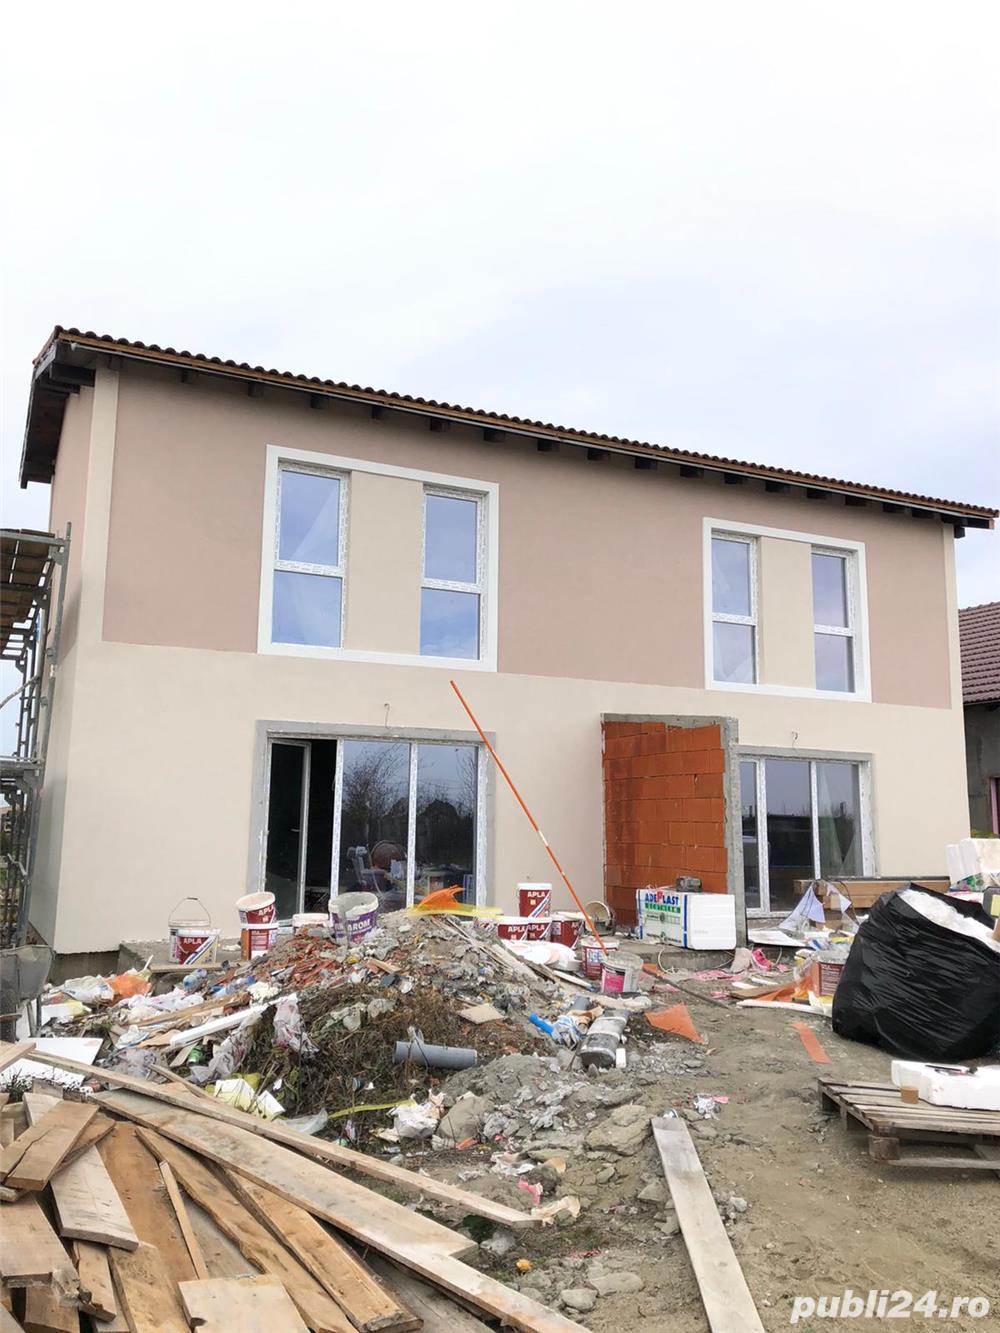 1/2 duplex in dumbravita 4 camere finalizat